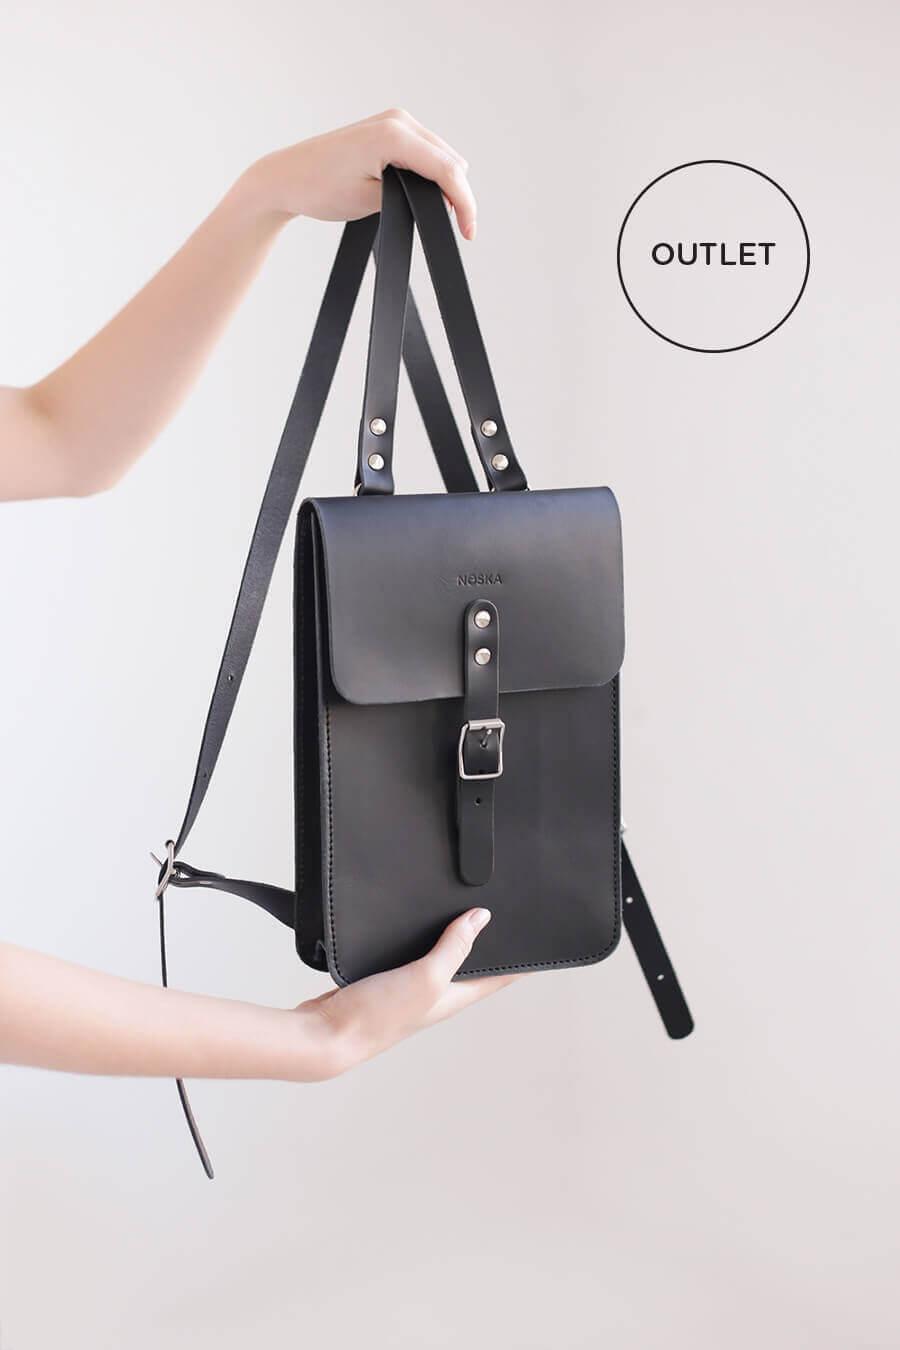 0c5d5338fbb13 Mały skórzany plecak (czarny) (Outlet) - NOSKA SHOP